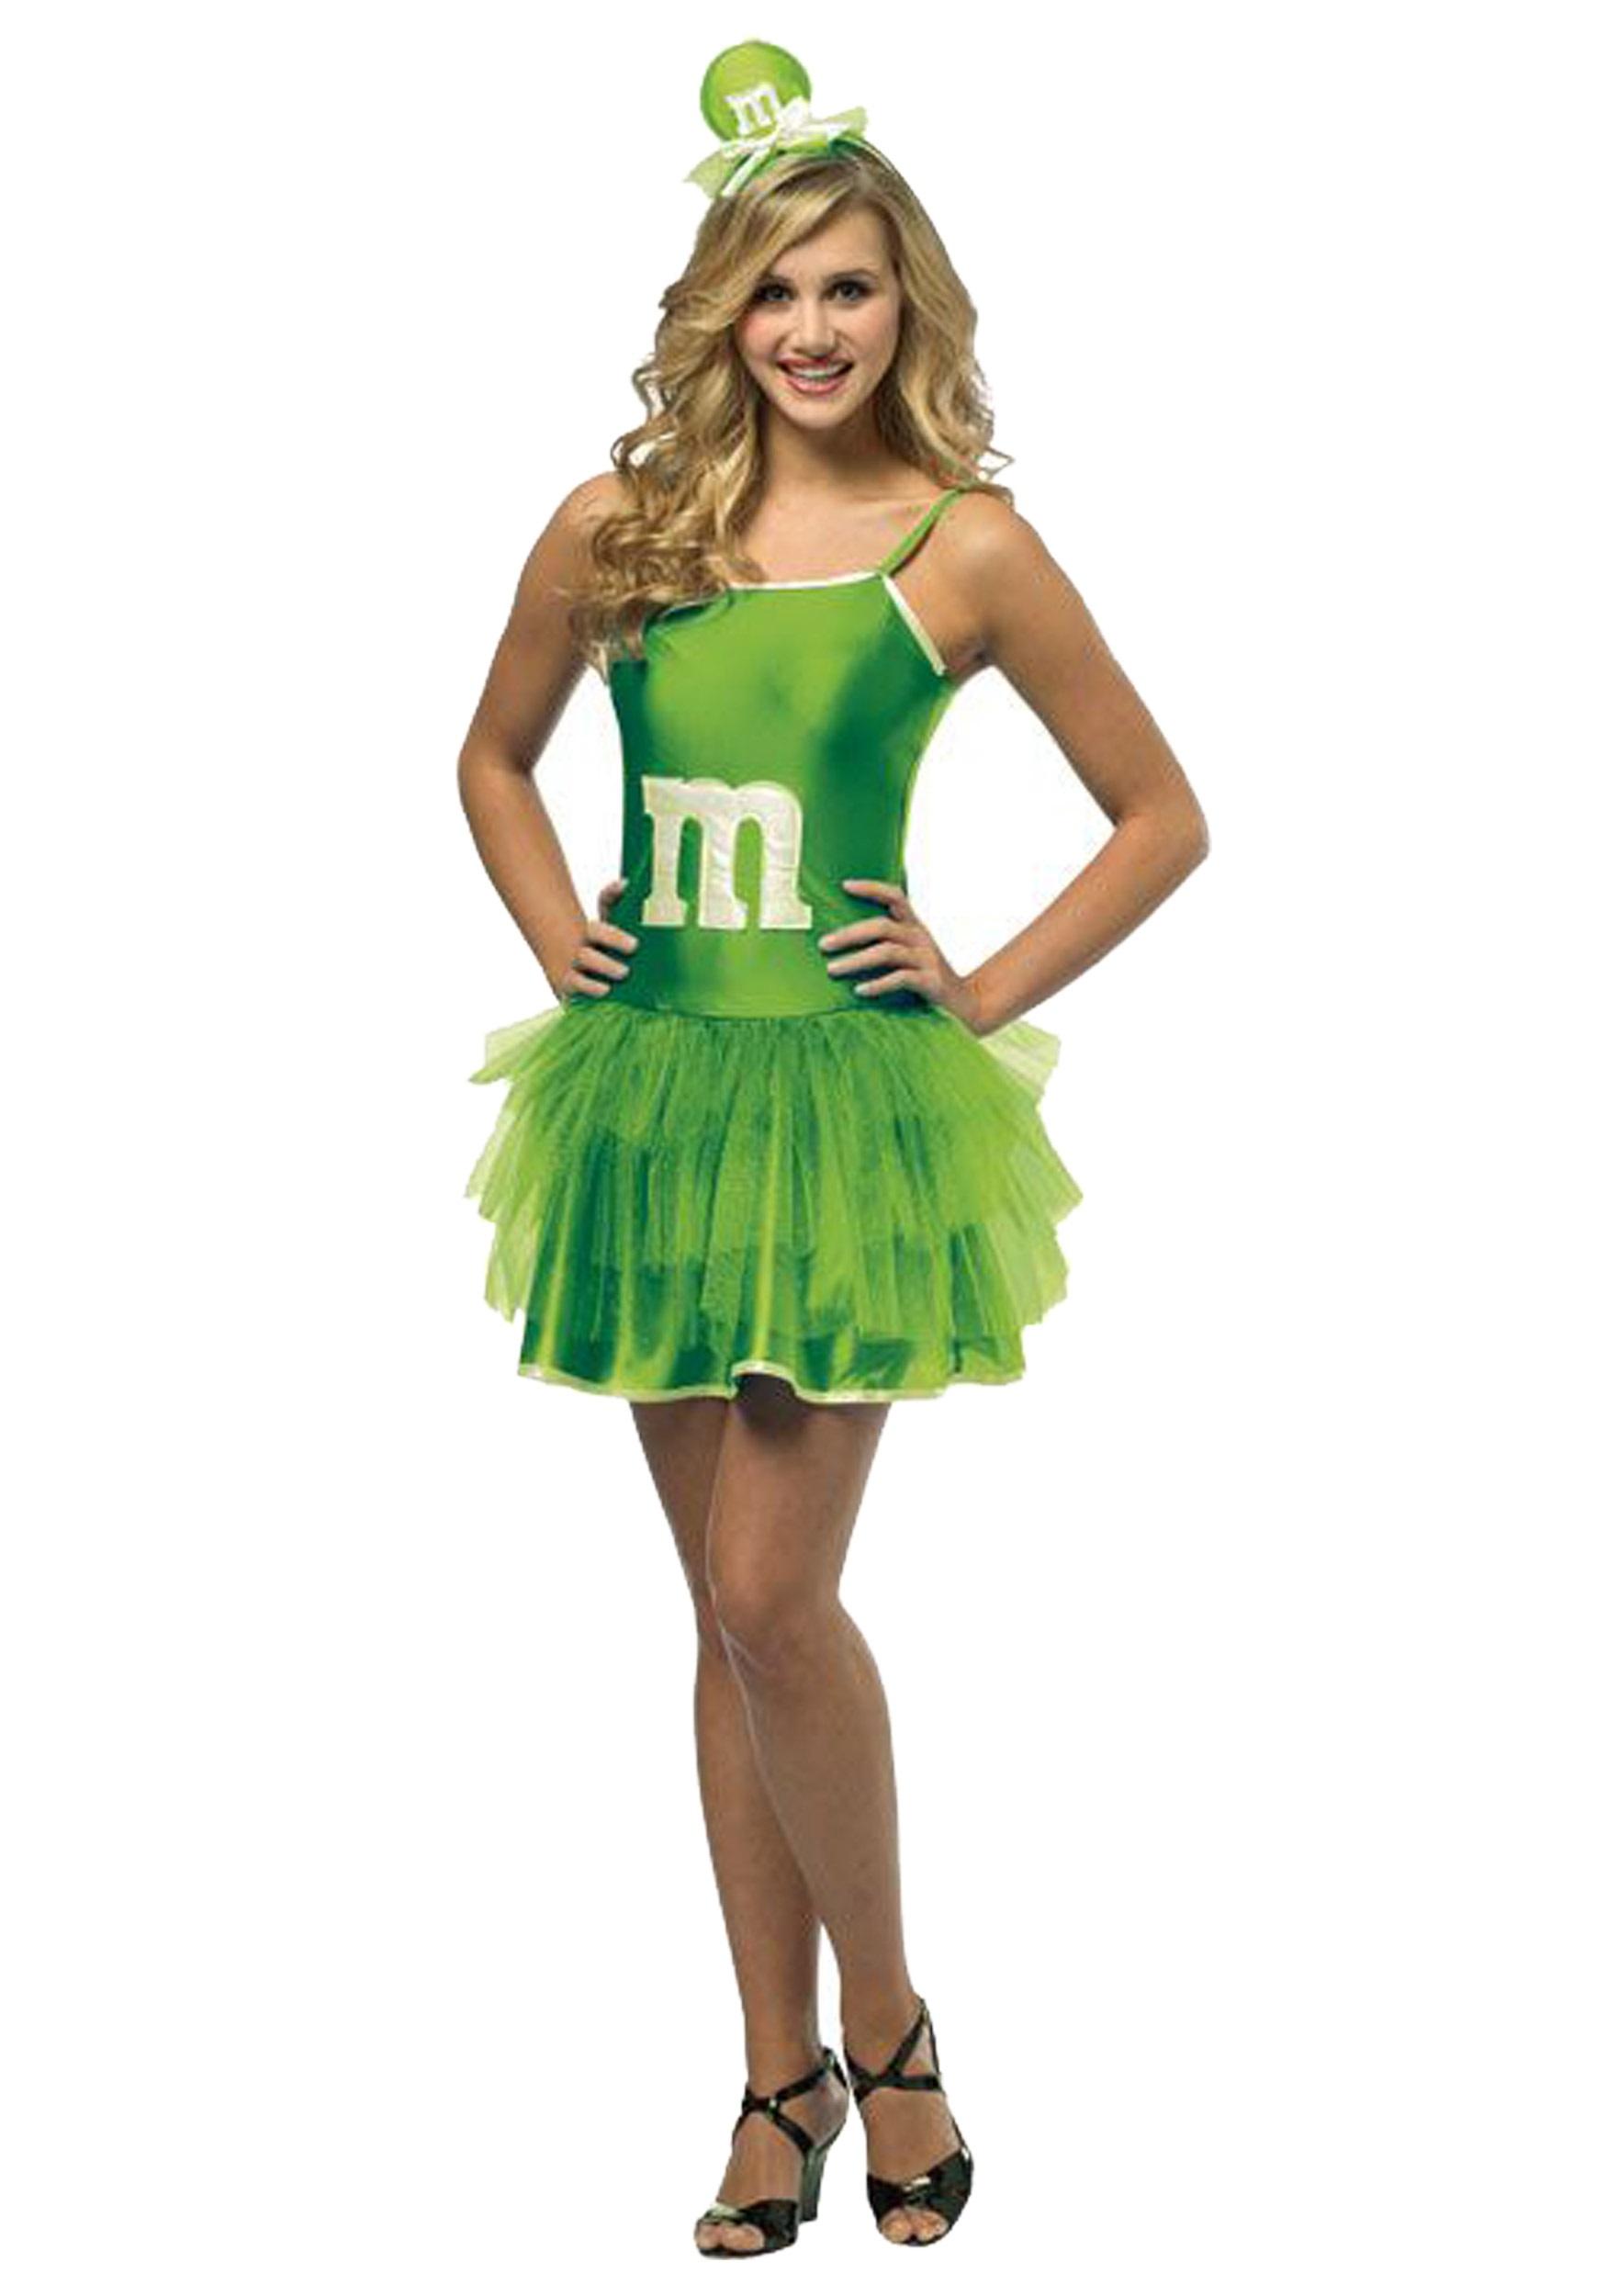 Teen Green Mu0026M Party Dress  sc 1 st  Halloween Costumes & Teen Green Mu0026M Party Dress - Halloween Costumes